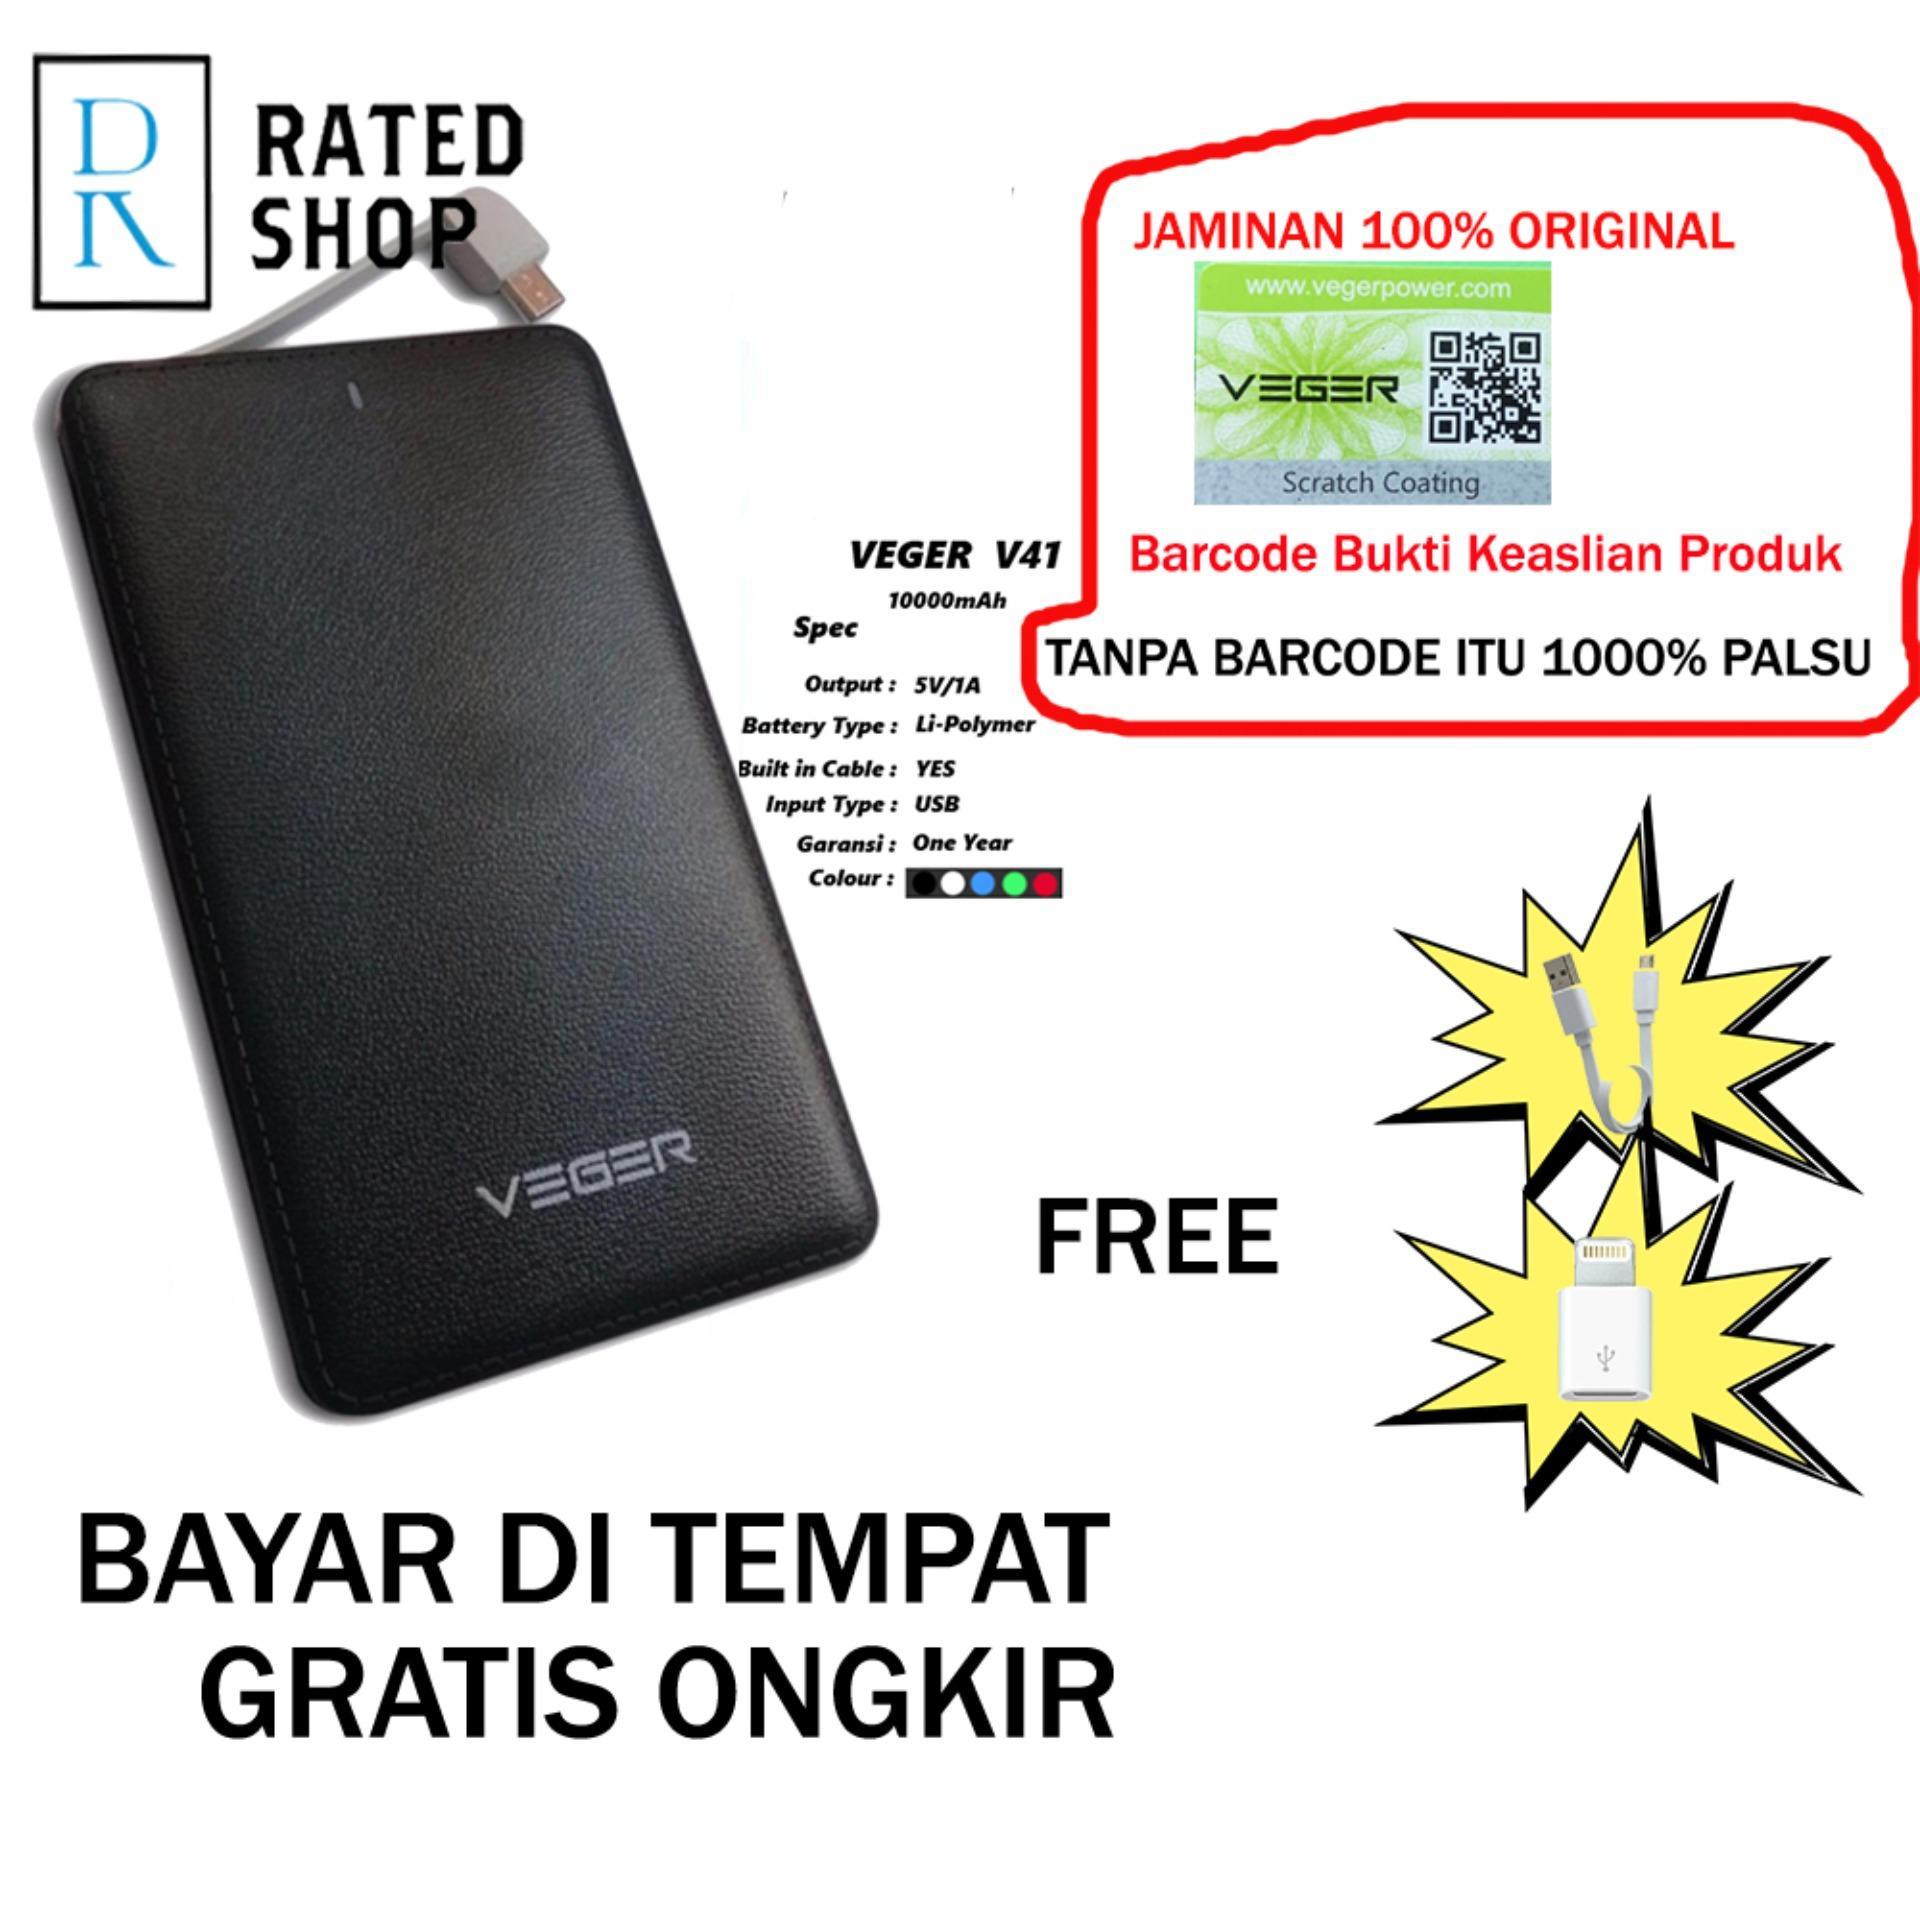 Jual Power Bank Terbaru Bcare Powerbank 7800mah 2 Output Slim Real Polymer Batt Biru Veger V41 10000mah